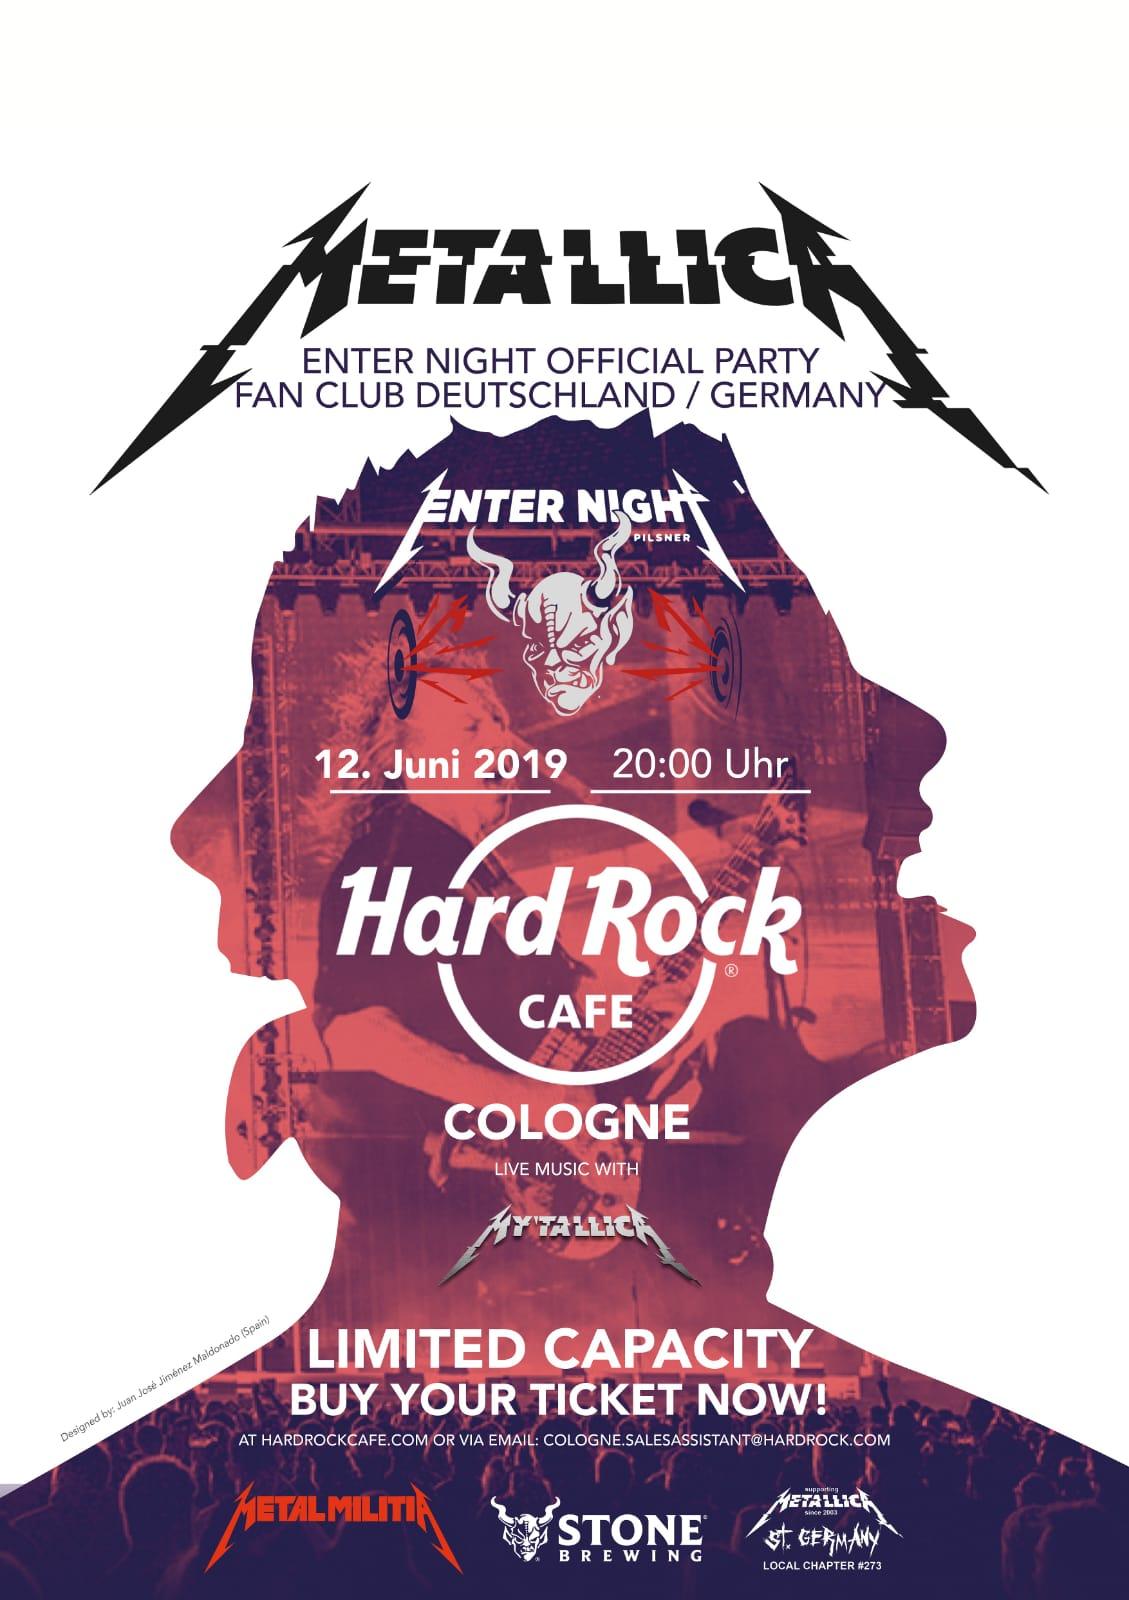 hard-rock-cafe-cologne-metallica-enter-night-pilsner-pre-party-2019